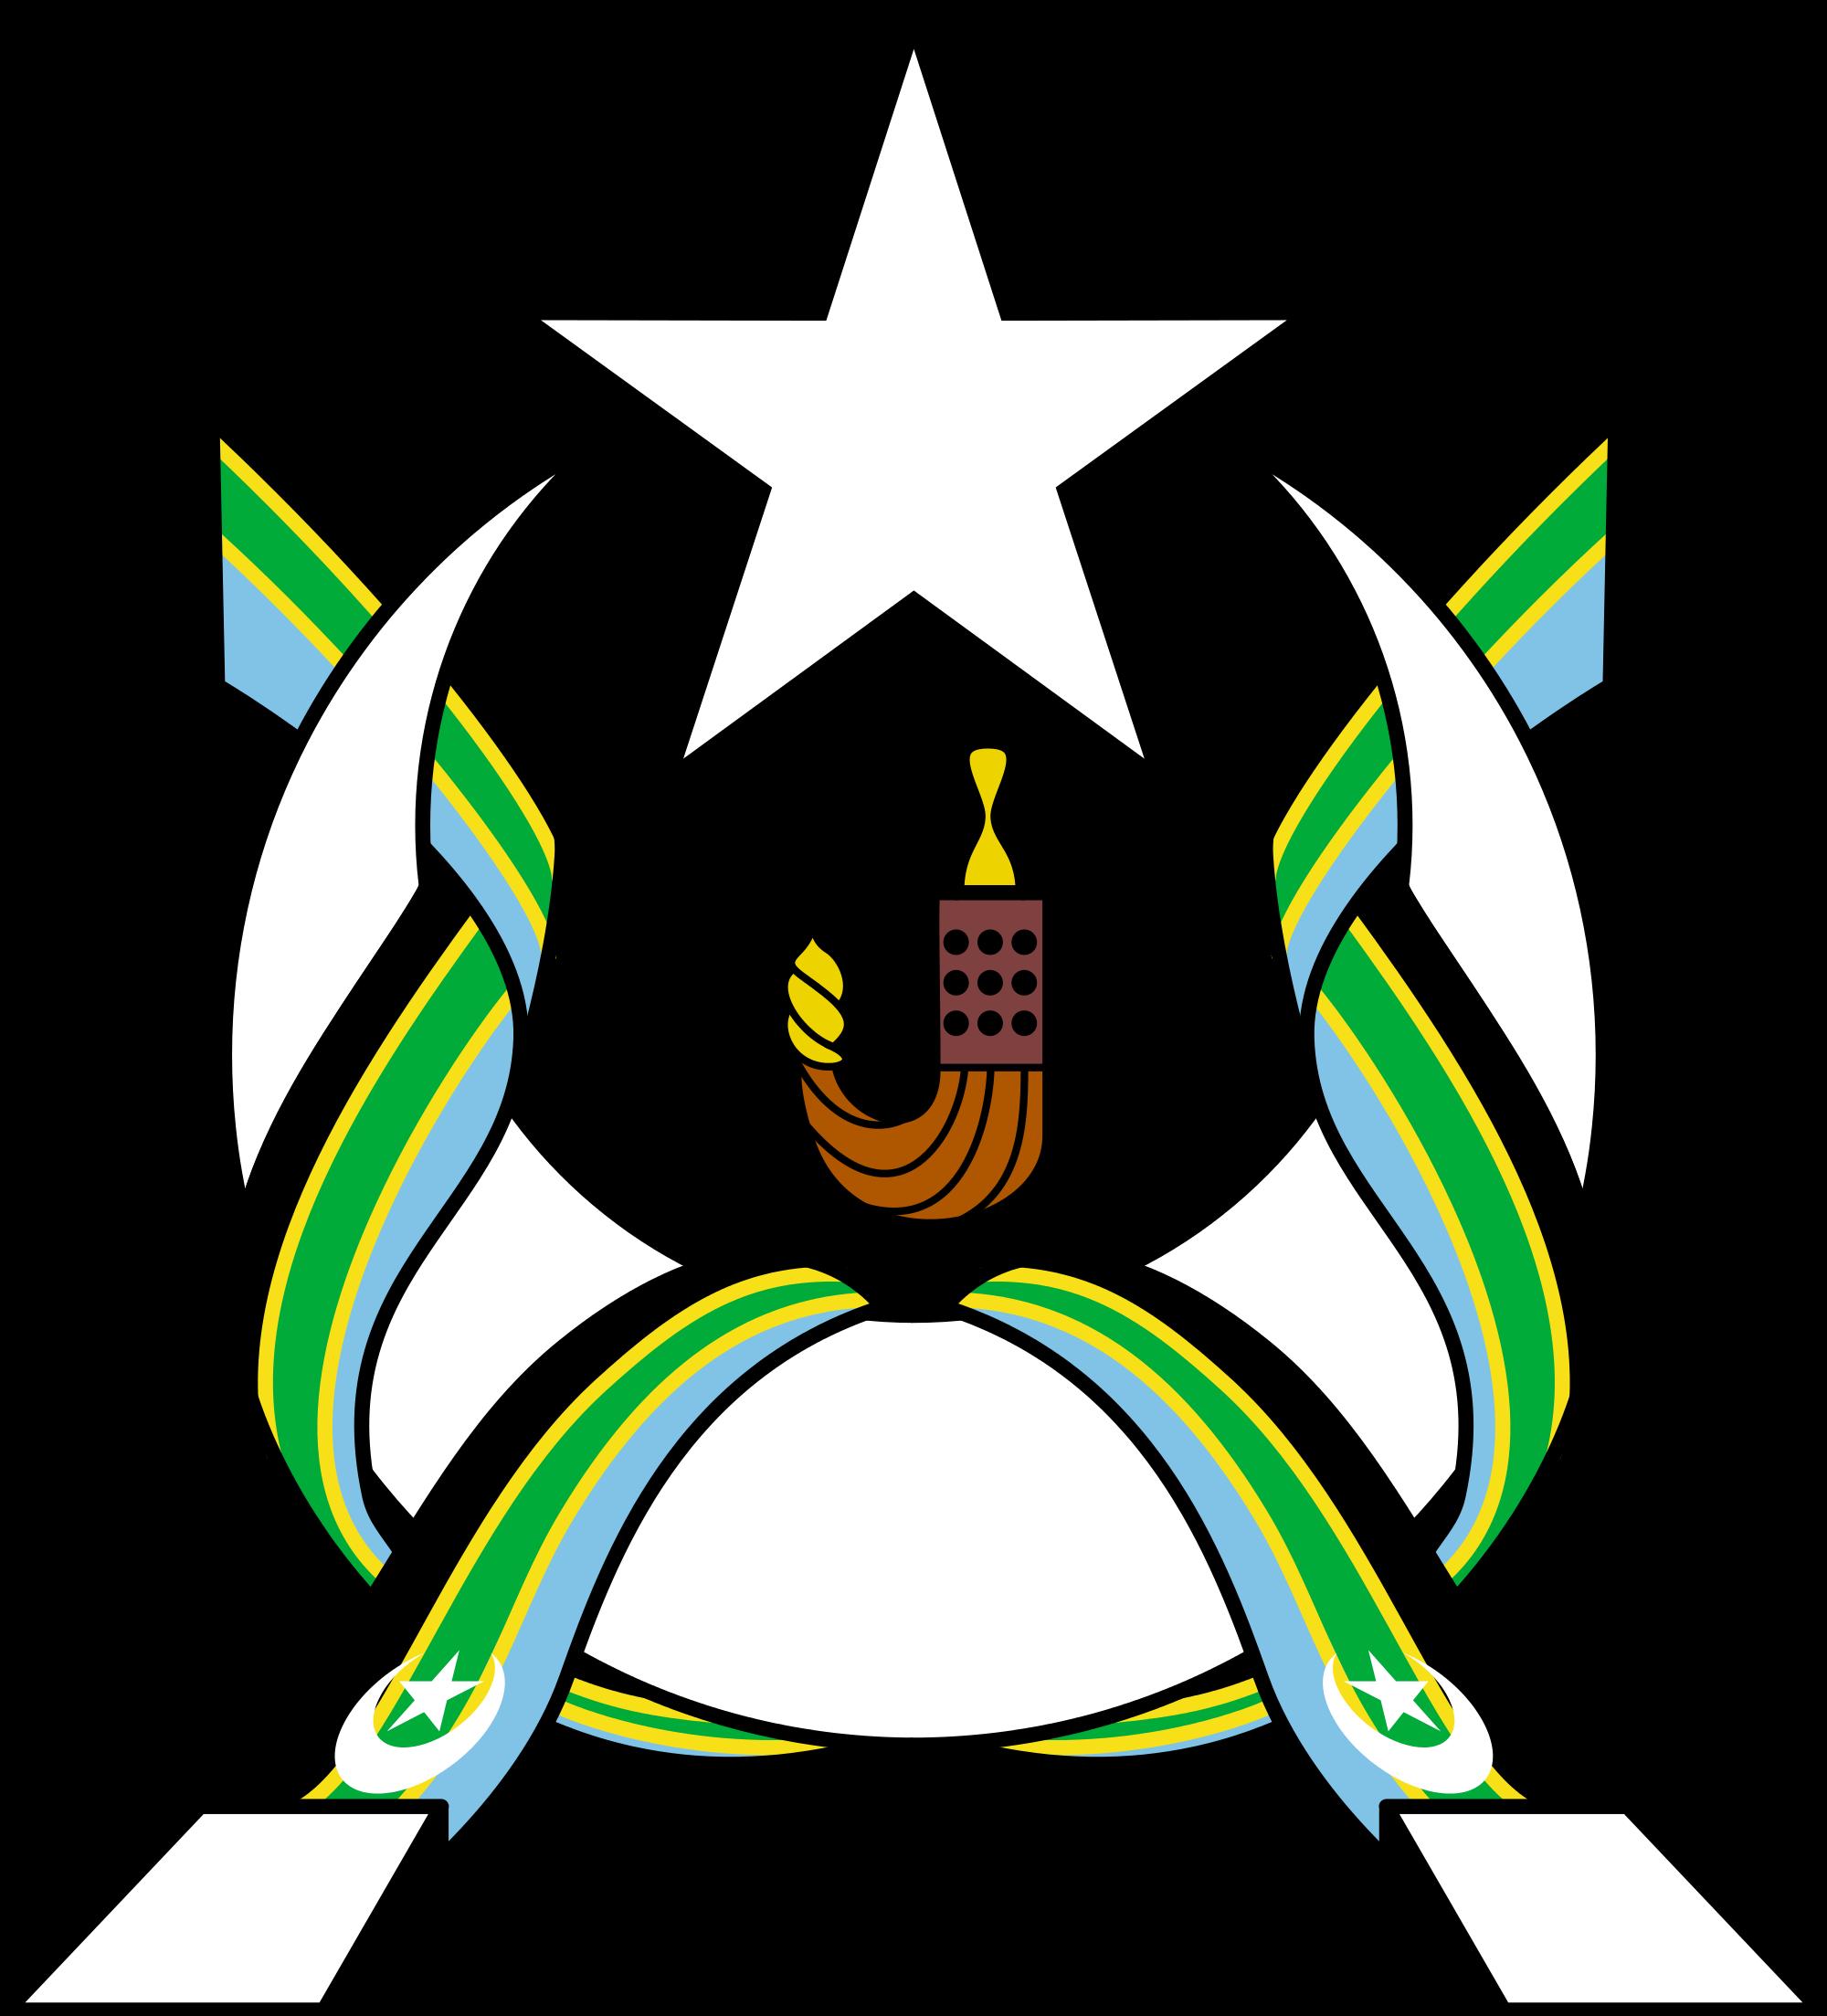 Lamp clipart arabian. File coat of arms